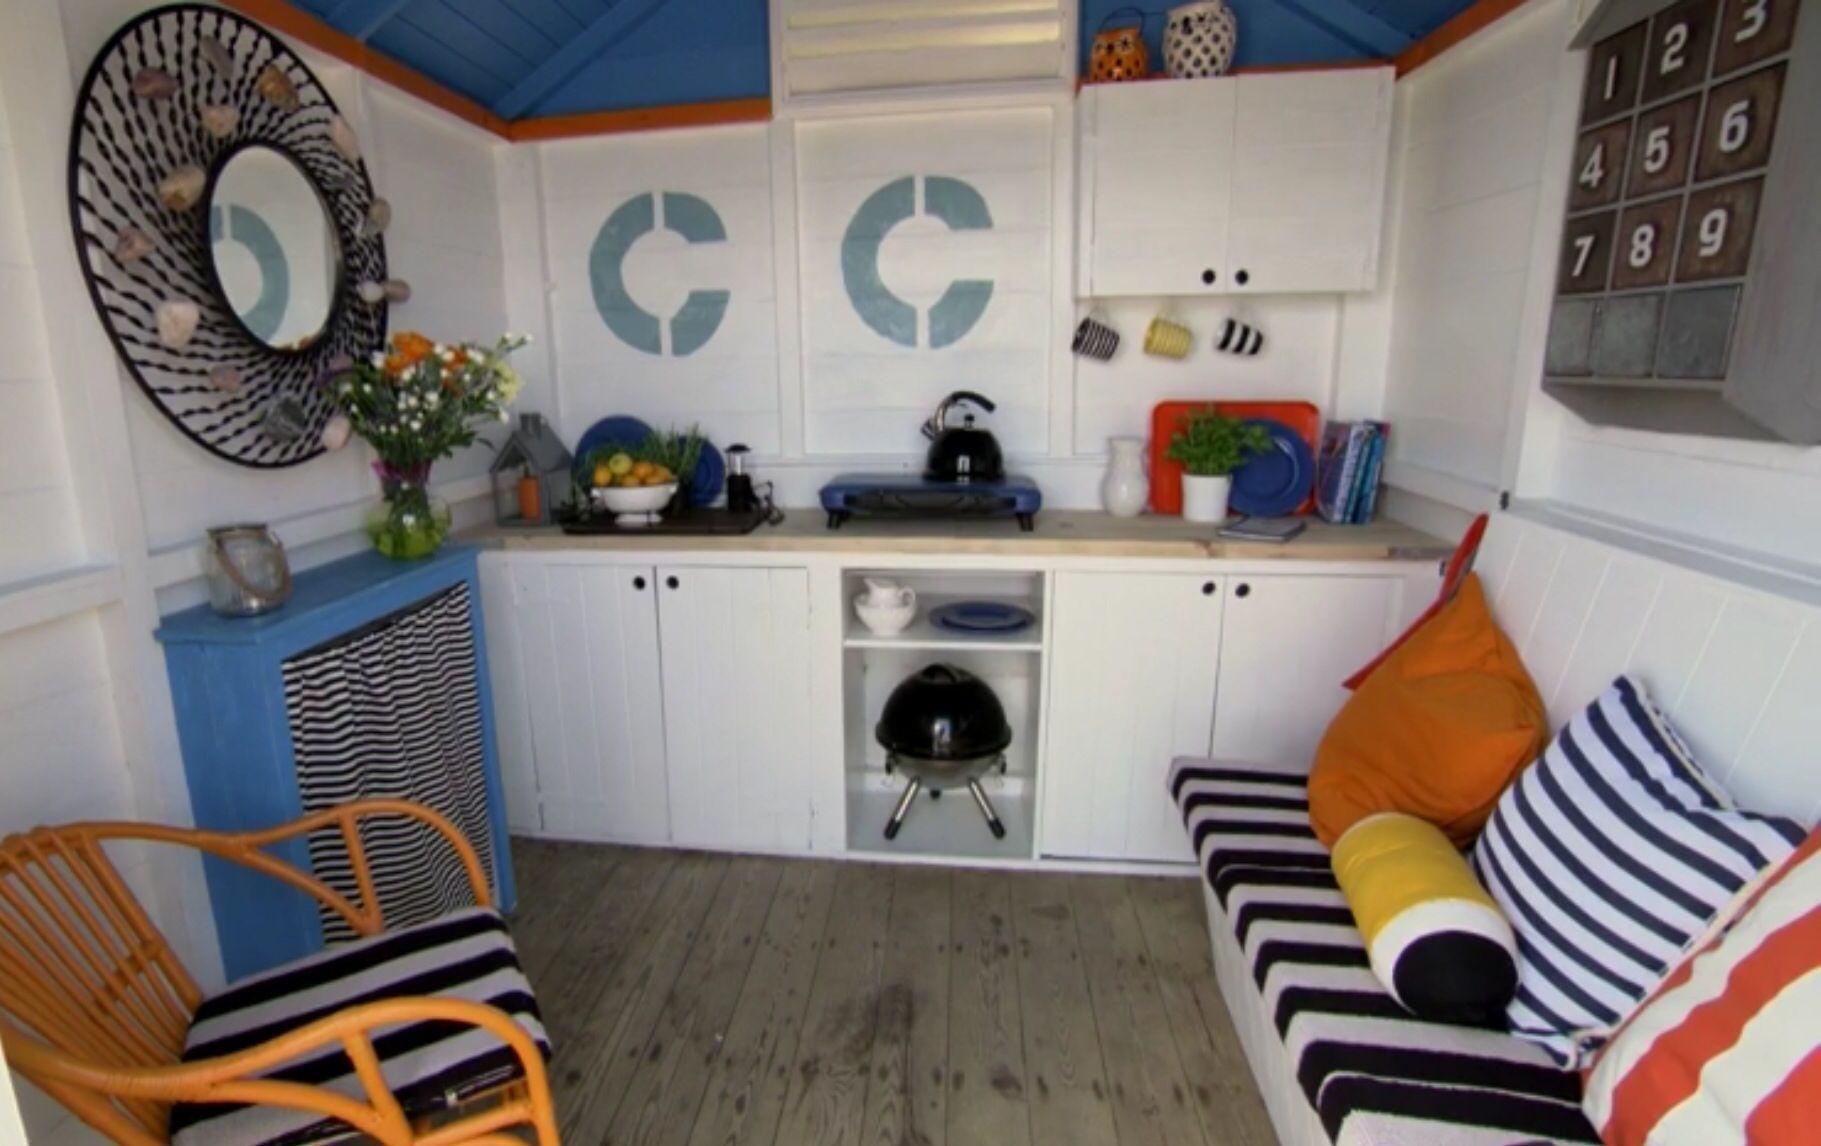 Bbc The Great Interior Design Challenge Beach Huts Interiores Esquema De Cores Cores